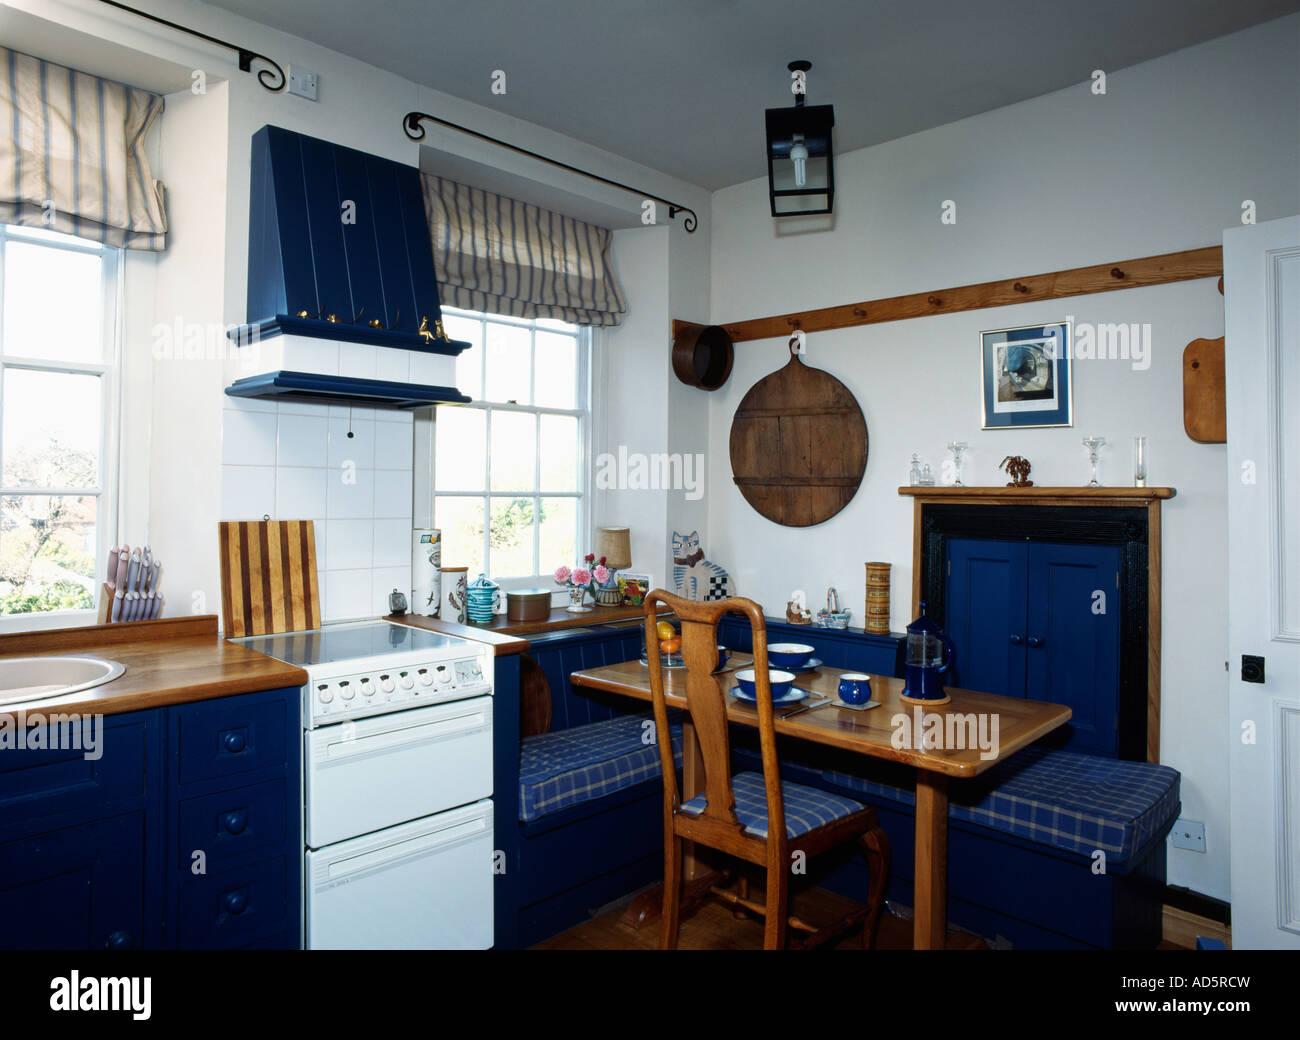 Holztisch mit blau kariert Sitzbank sitzen in kleinen weißen Küche ...